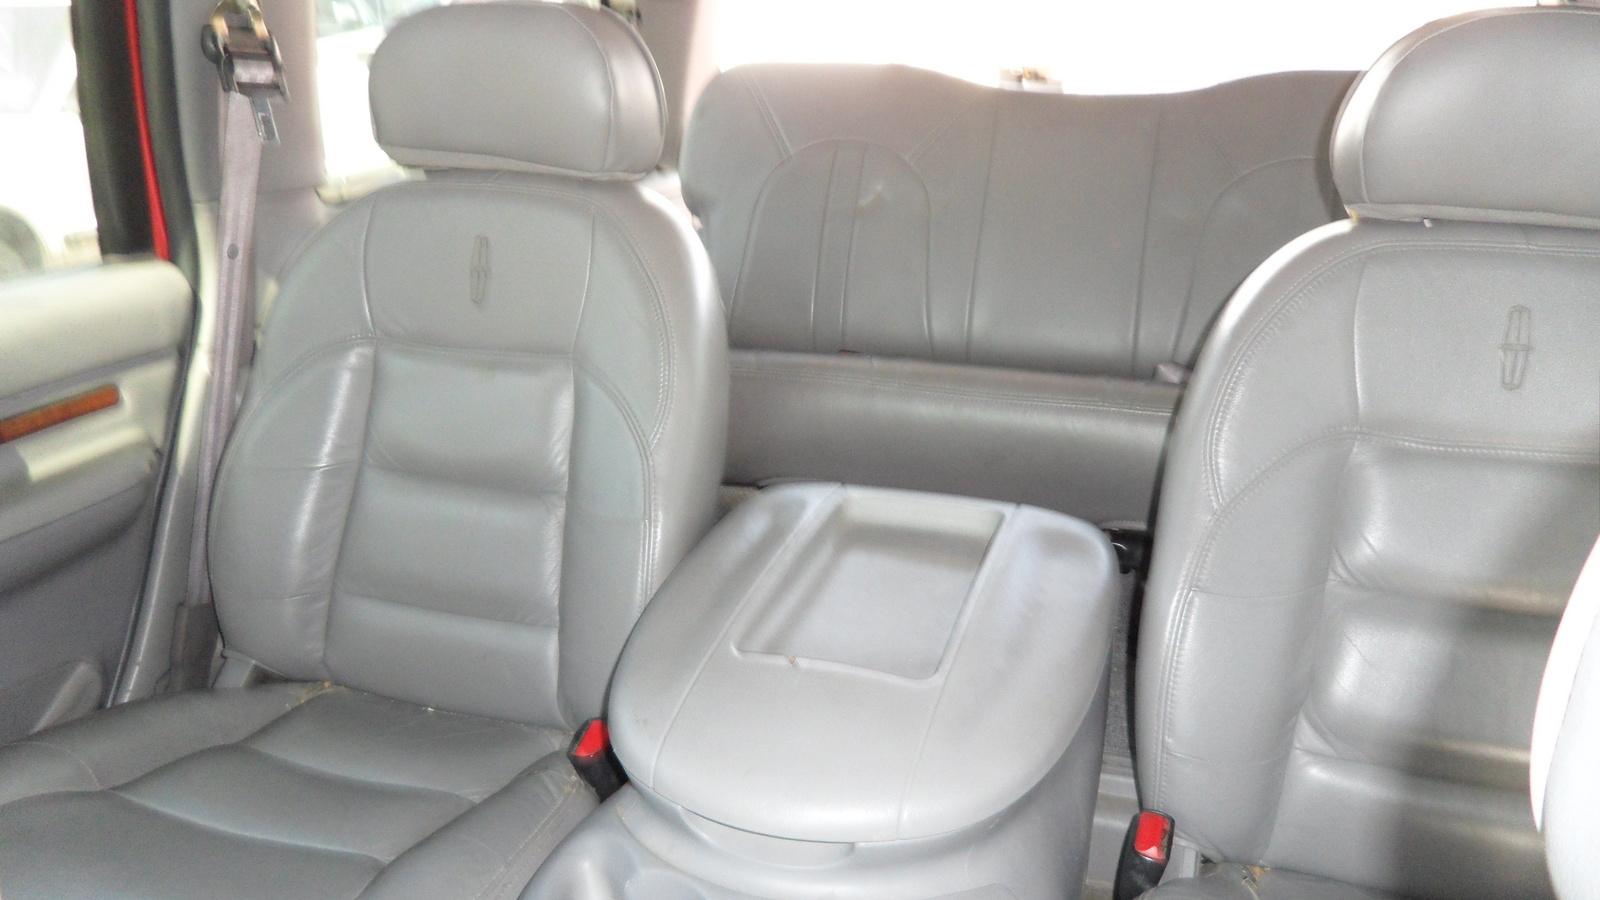 1998 Lincoln Navigator Interior Pictures Cargurus